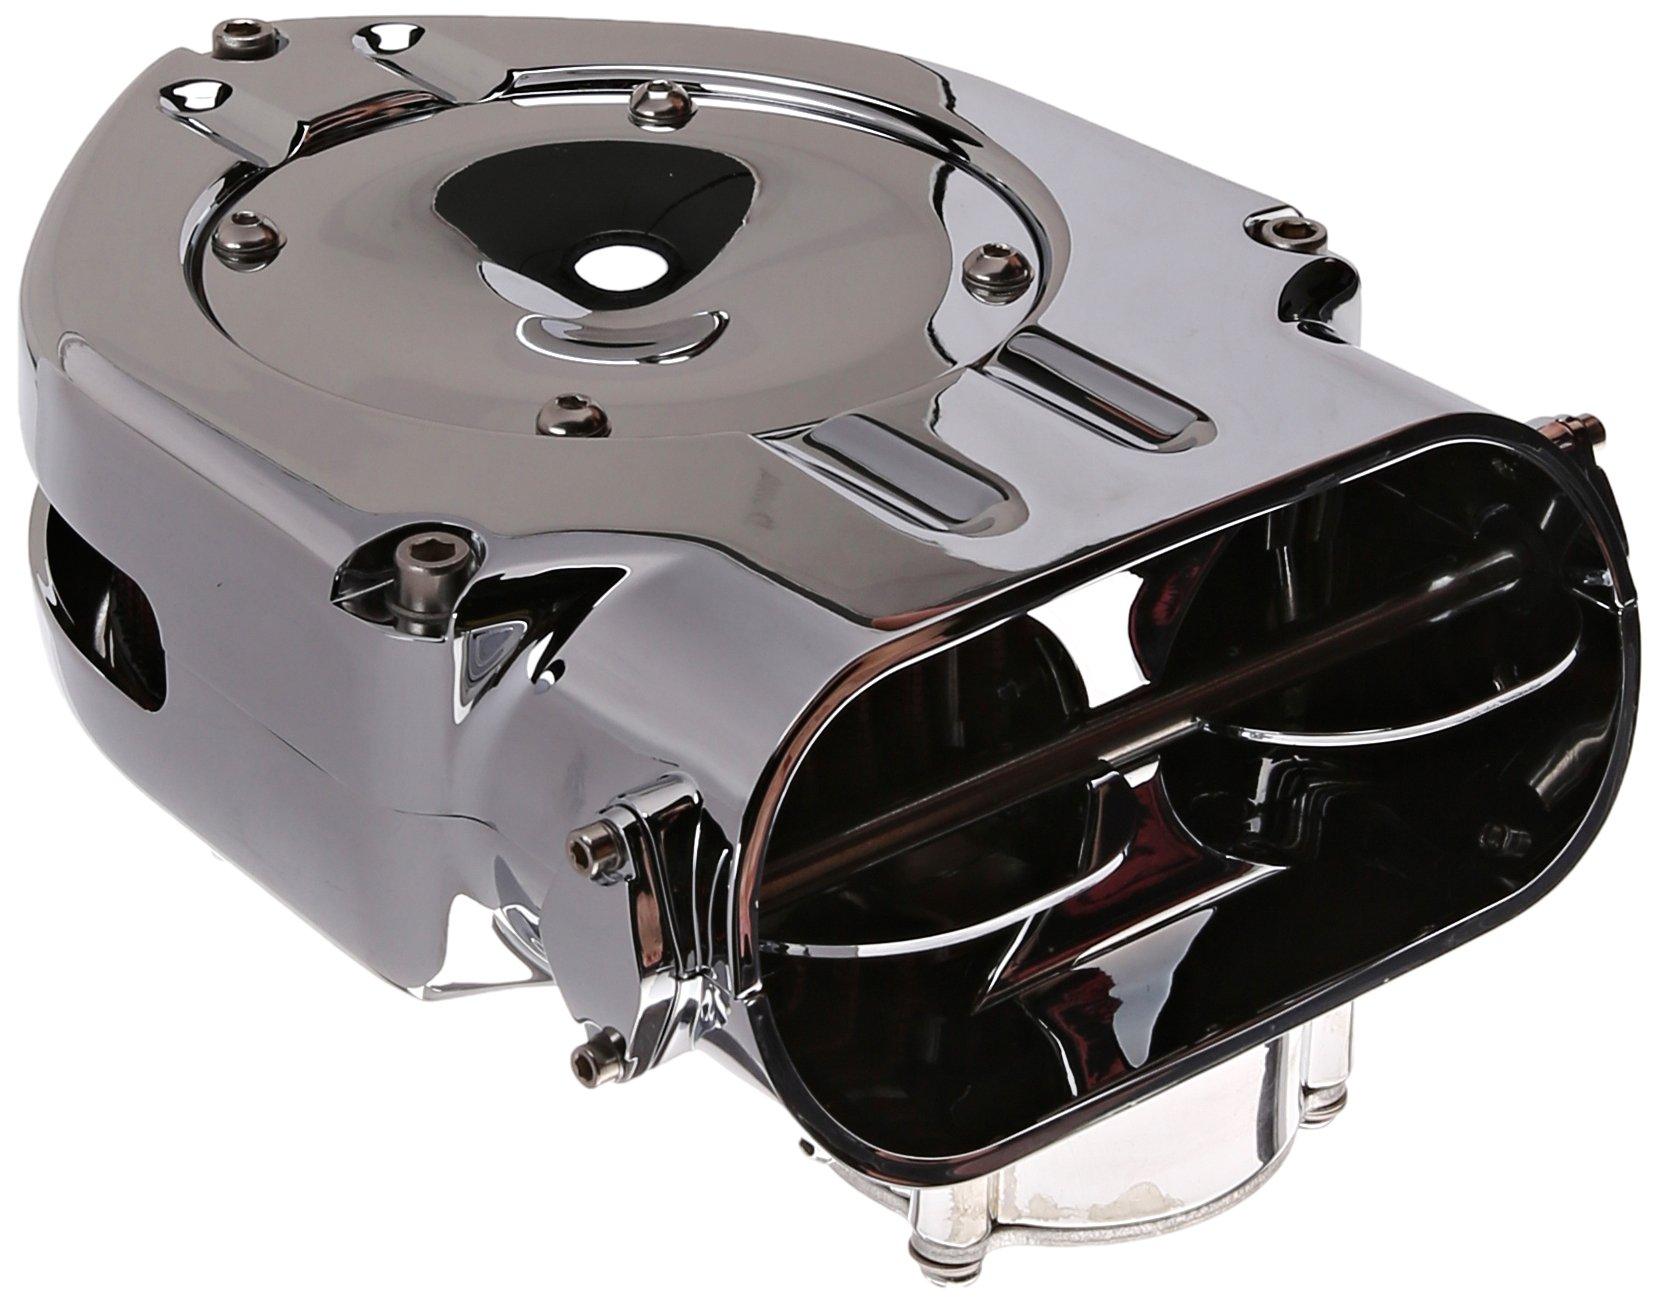 Kuryakyn 9431 Hypercharger Kit for Honda VTX1300